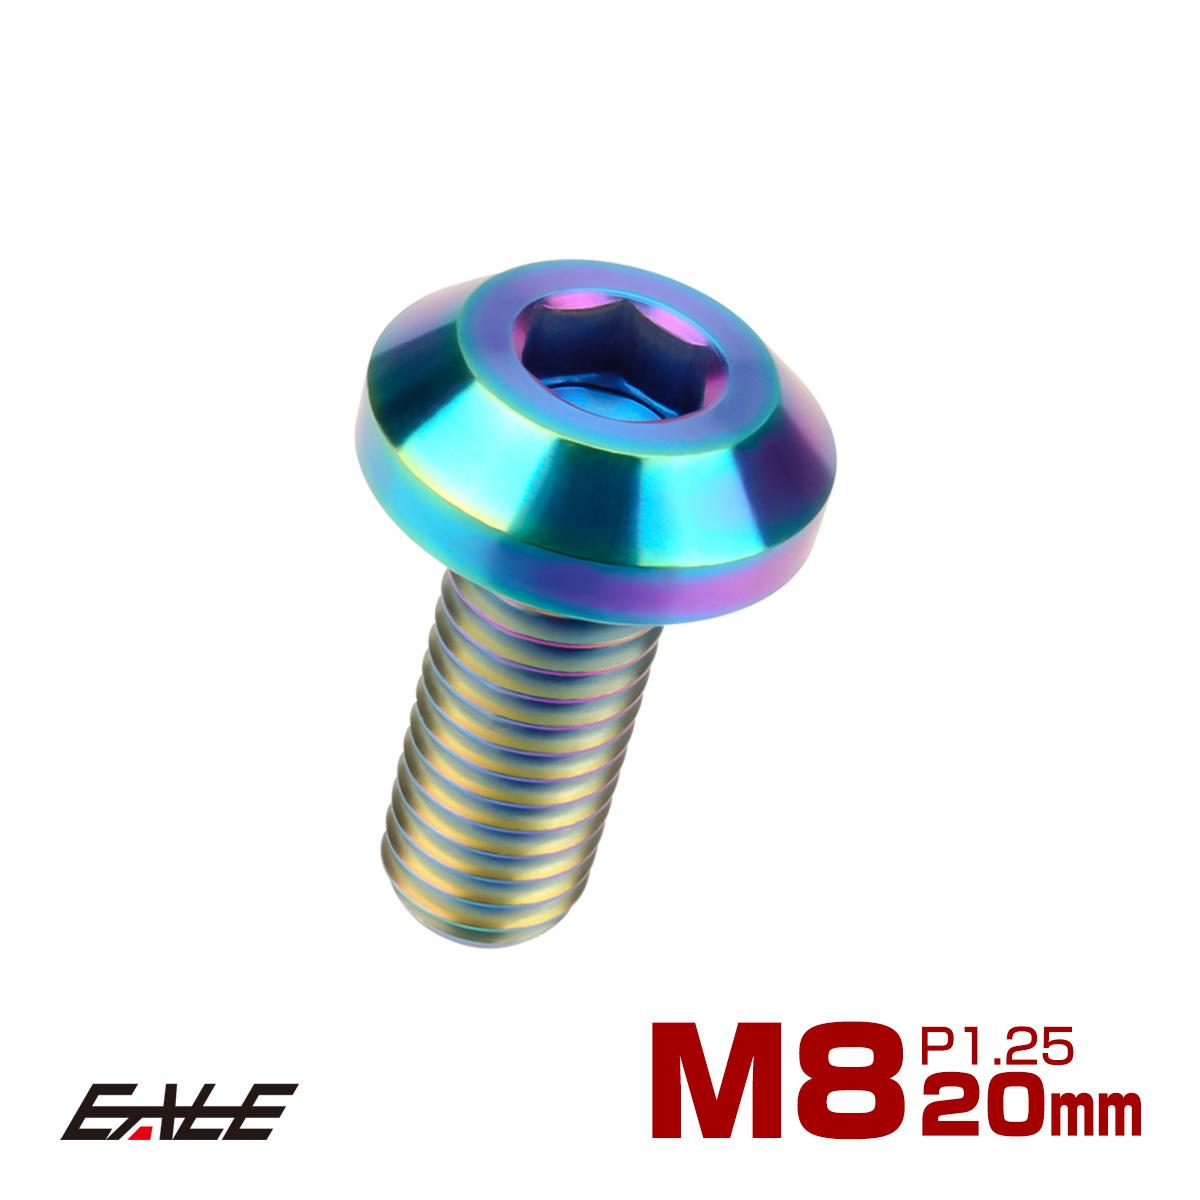 【ネコポス可】 64チタン製 ボタンボルト M8×20mm P1.25 六角穴 テーパーヘッド カスタムボルト レインボー 焼きチタン色 JA749